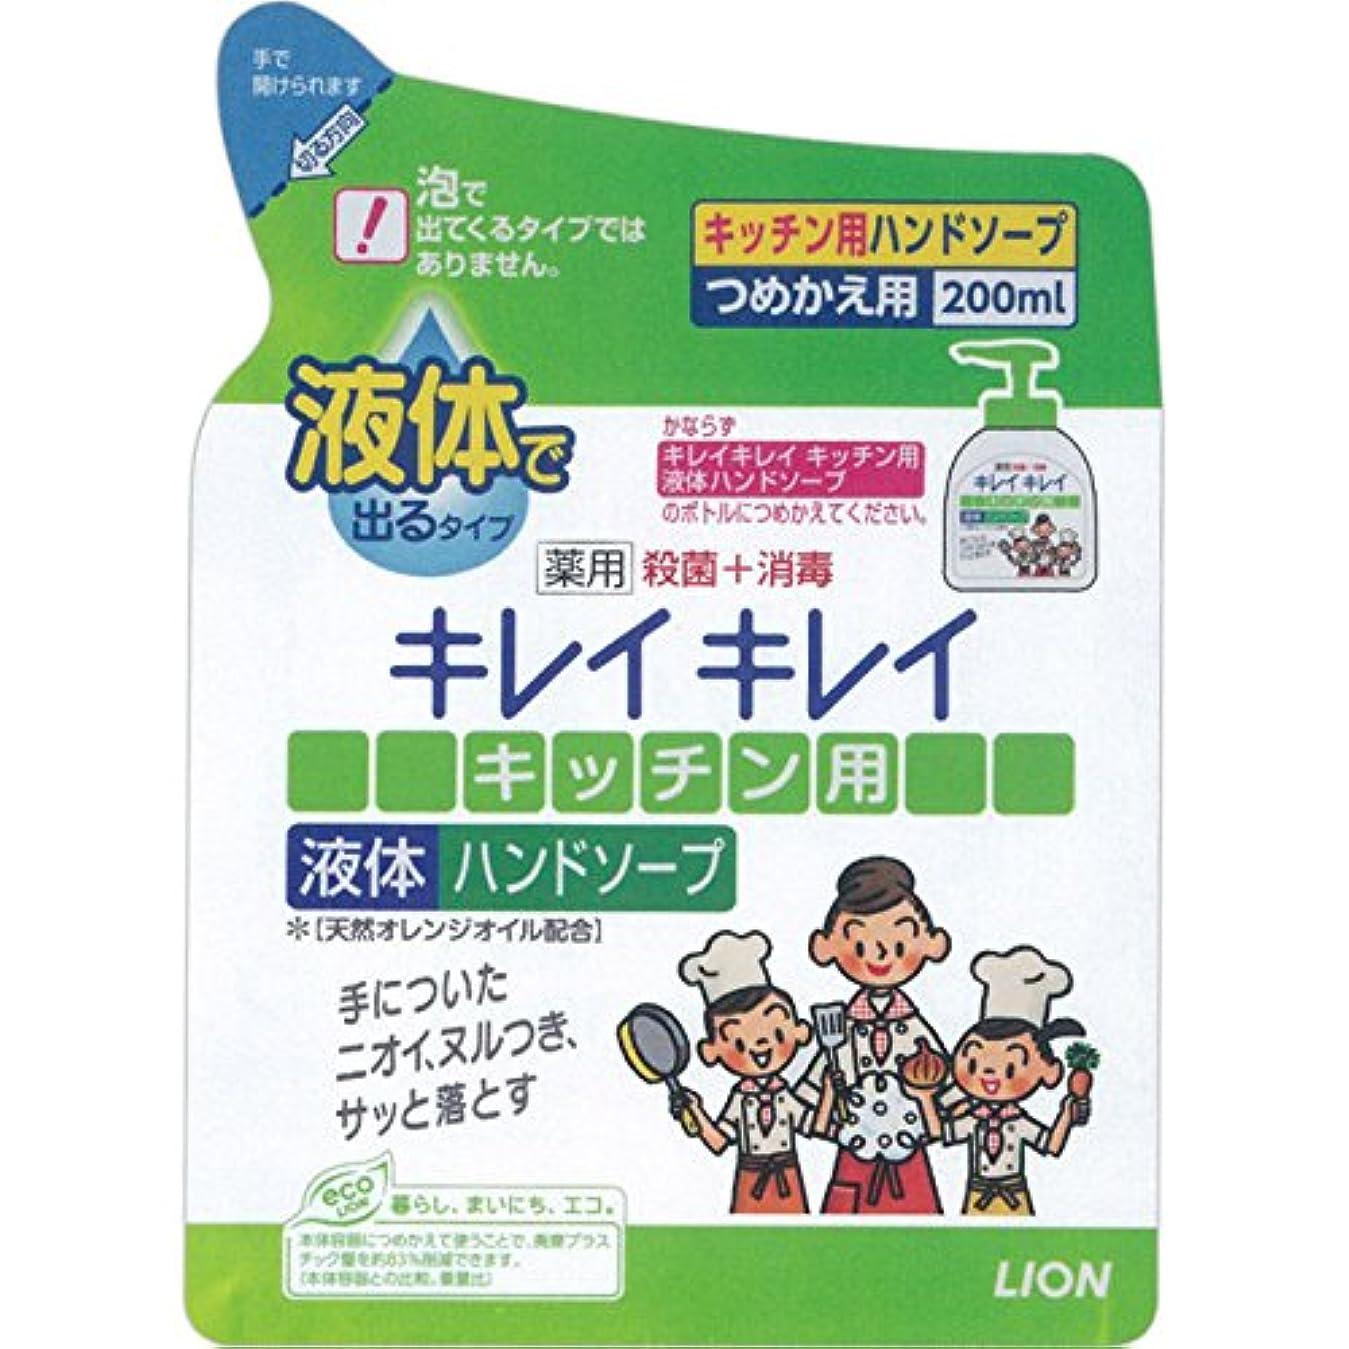 アンソロジー句同級生キレイキレイ 薬用キッチンハンドソープ 詰替用200ml